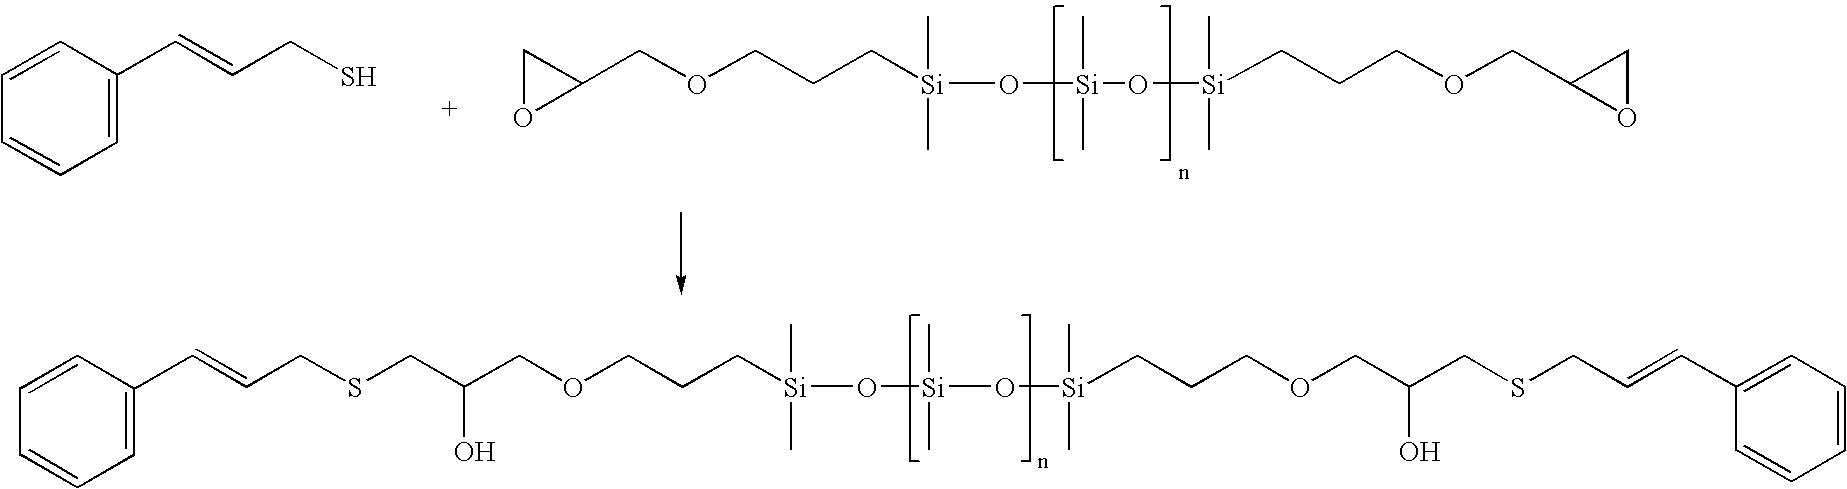 Figure US06908957-20050621-C00029